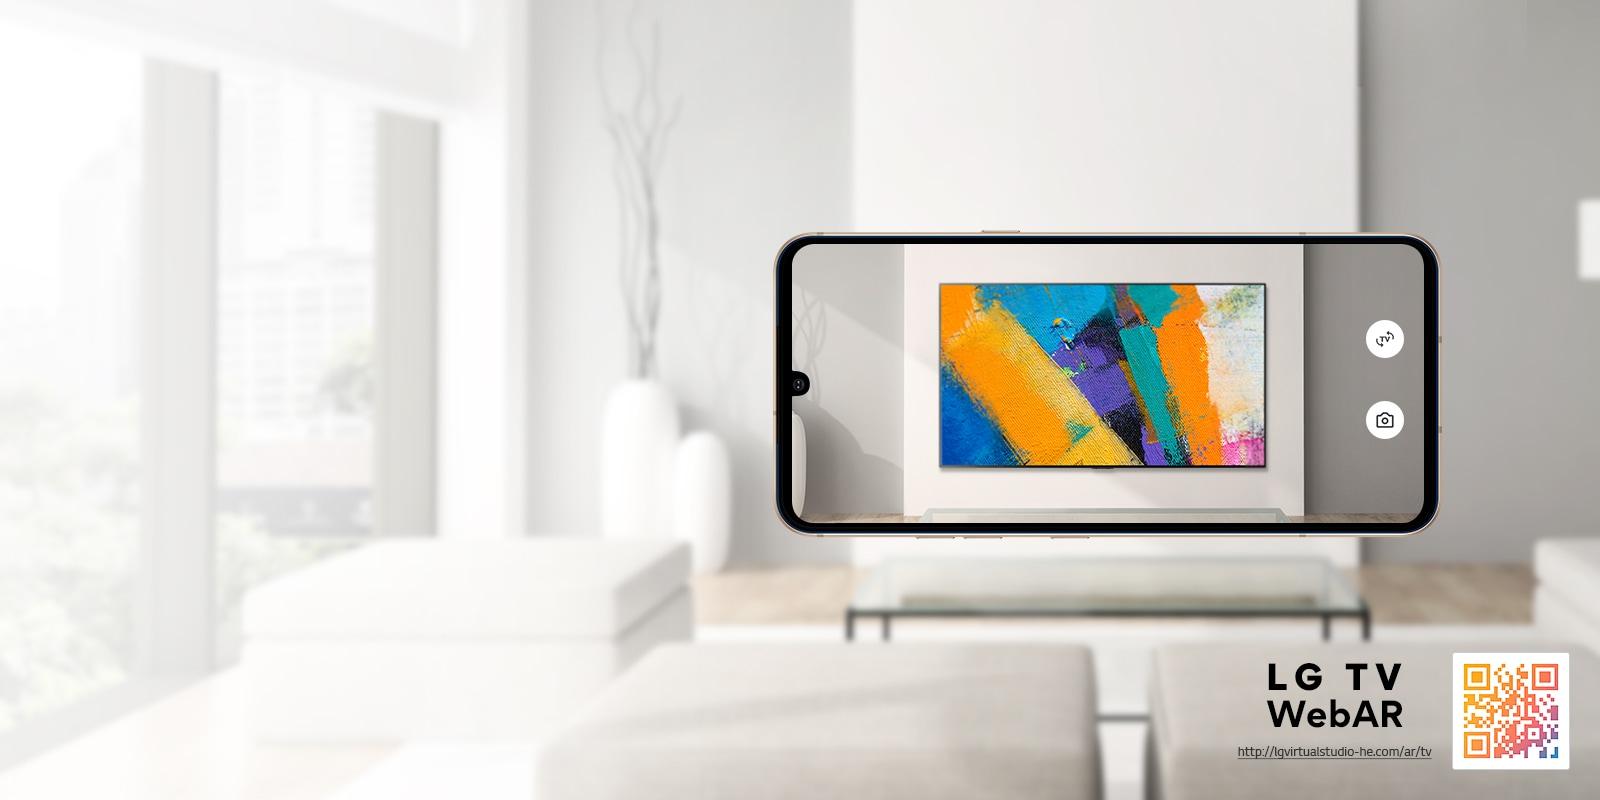 """""""Questa è un'immagine simulata della TV OLED LG nell'applicazione di realtà aumentata web. Se lo spazio è stretto, le immagini del telefono cellulare potrebbero sovrapporsi. Un codice QR viene mostrato nell'angolo in basso a destra."""""""